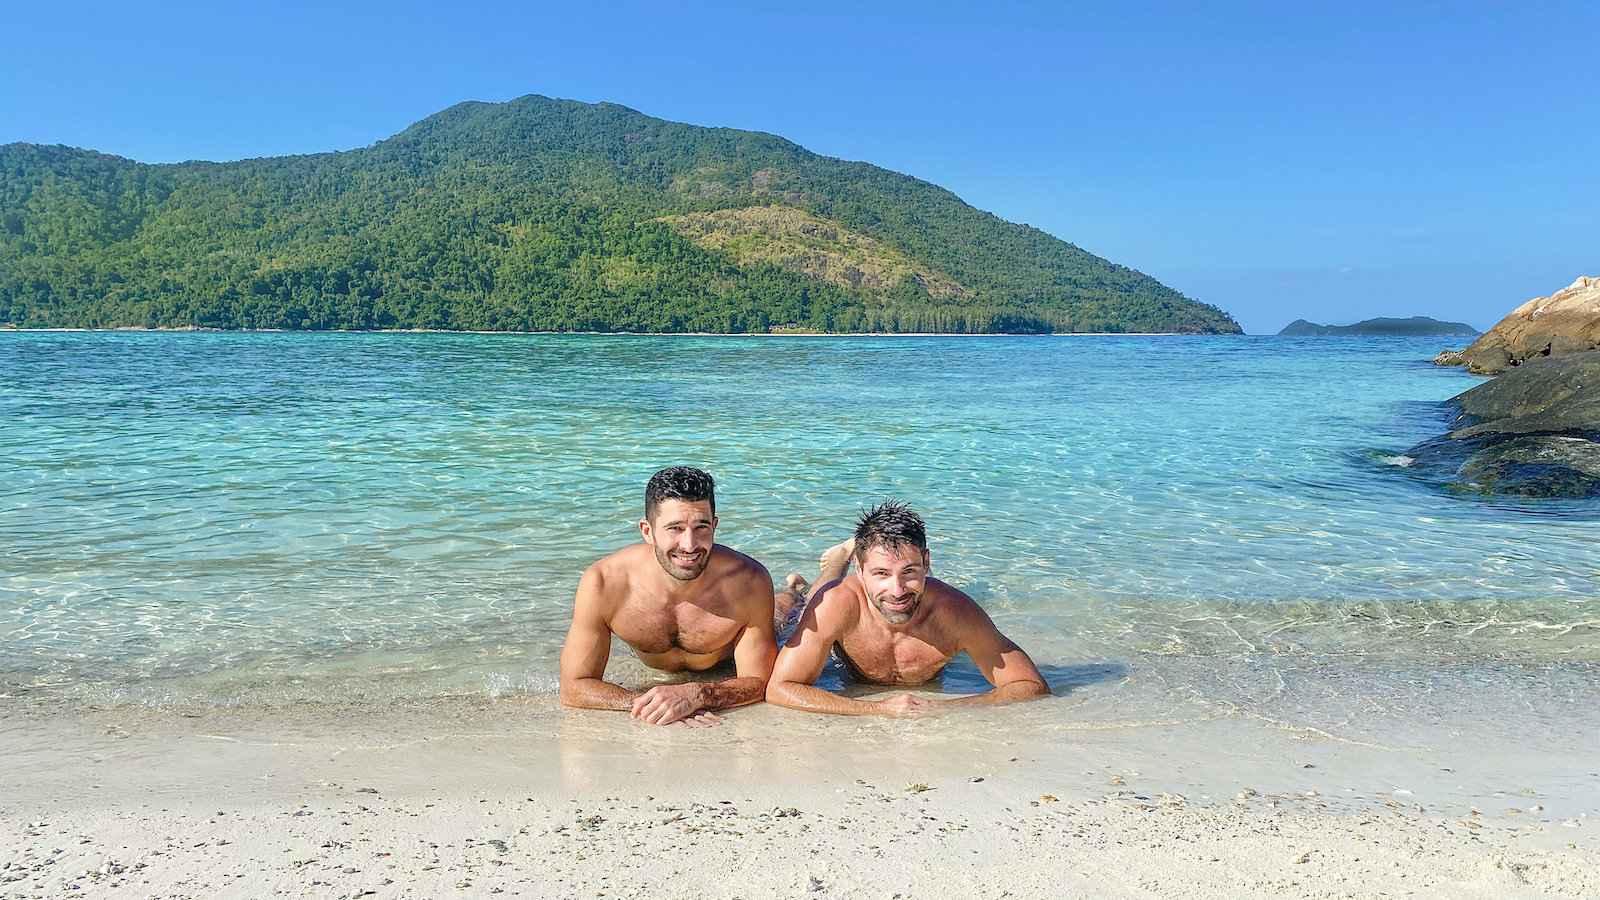 Phuket é uma das melhores ilhas gays da Tailândia, com uma grande cena gay e lindas praias